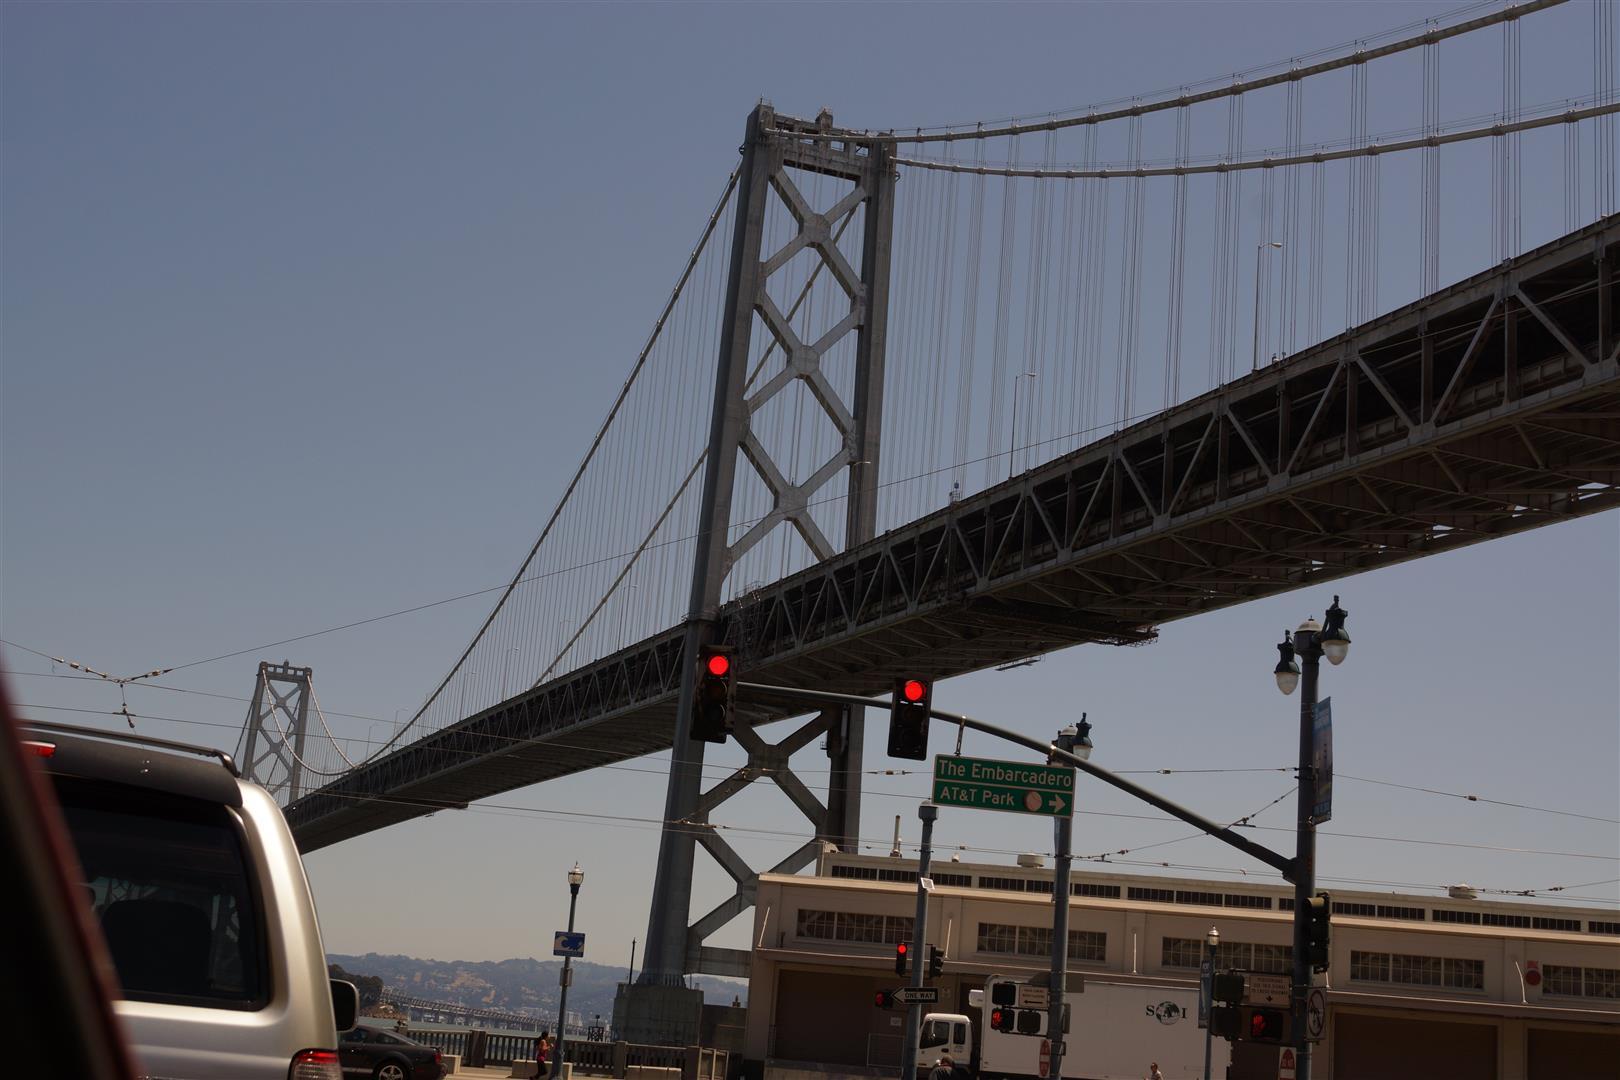 Nicht die Golden gate, aber die erste Brücke über die wir nach SF gelangt sind.